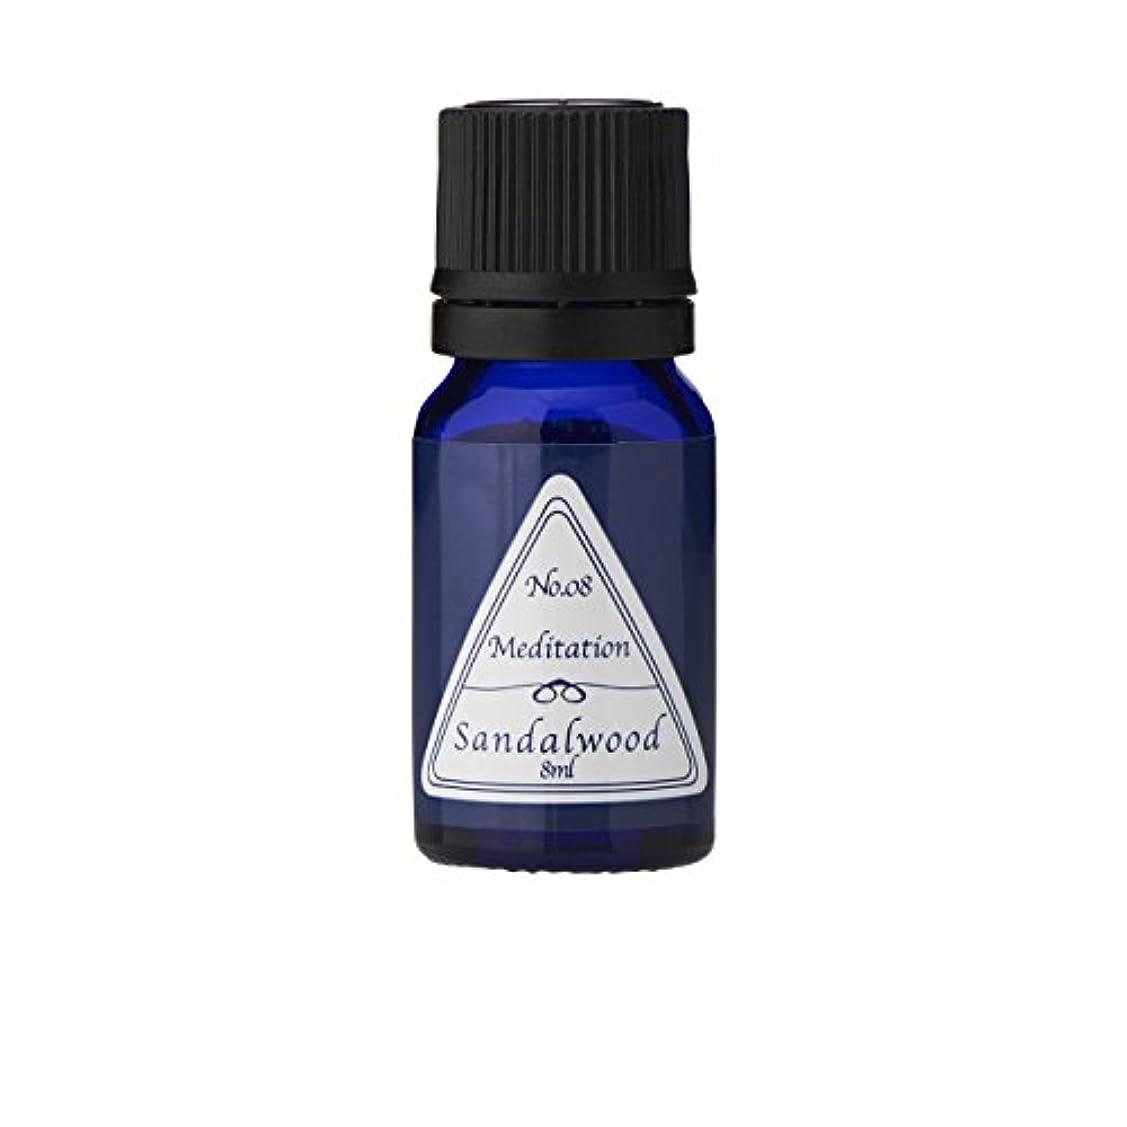 わがまま靄純度ブルーラベル アロマエッセンス8ml サンダルウッド(アロマオイル 調合香料 芳香用)